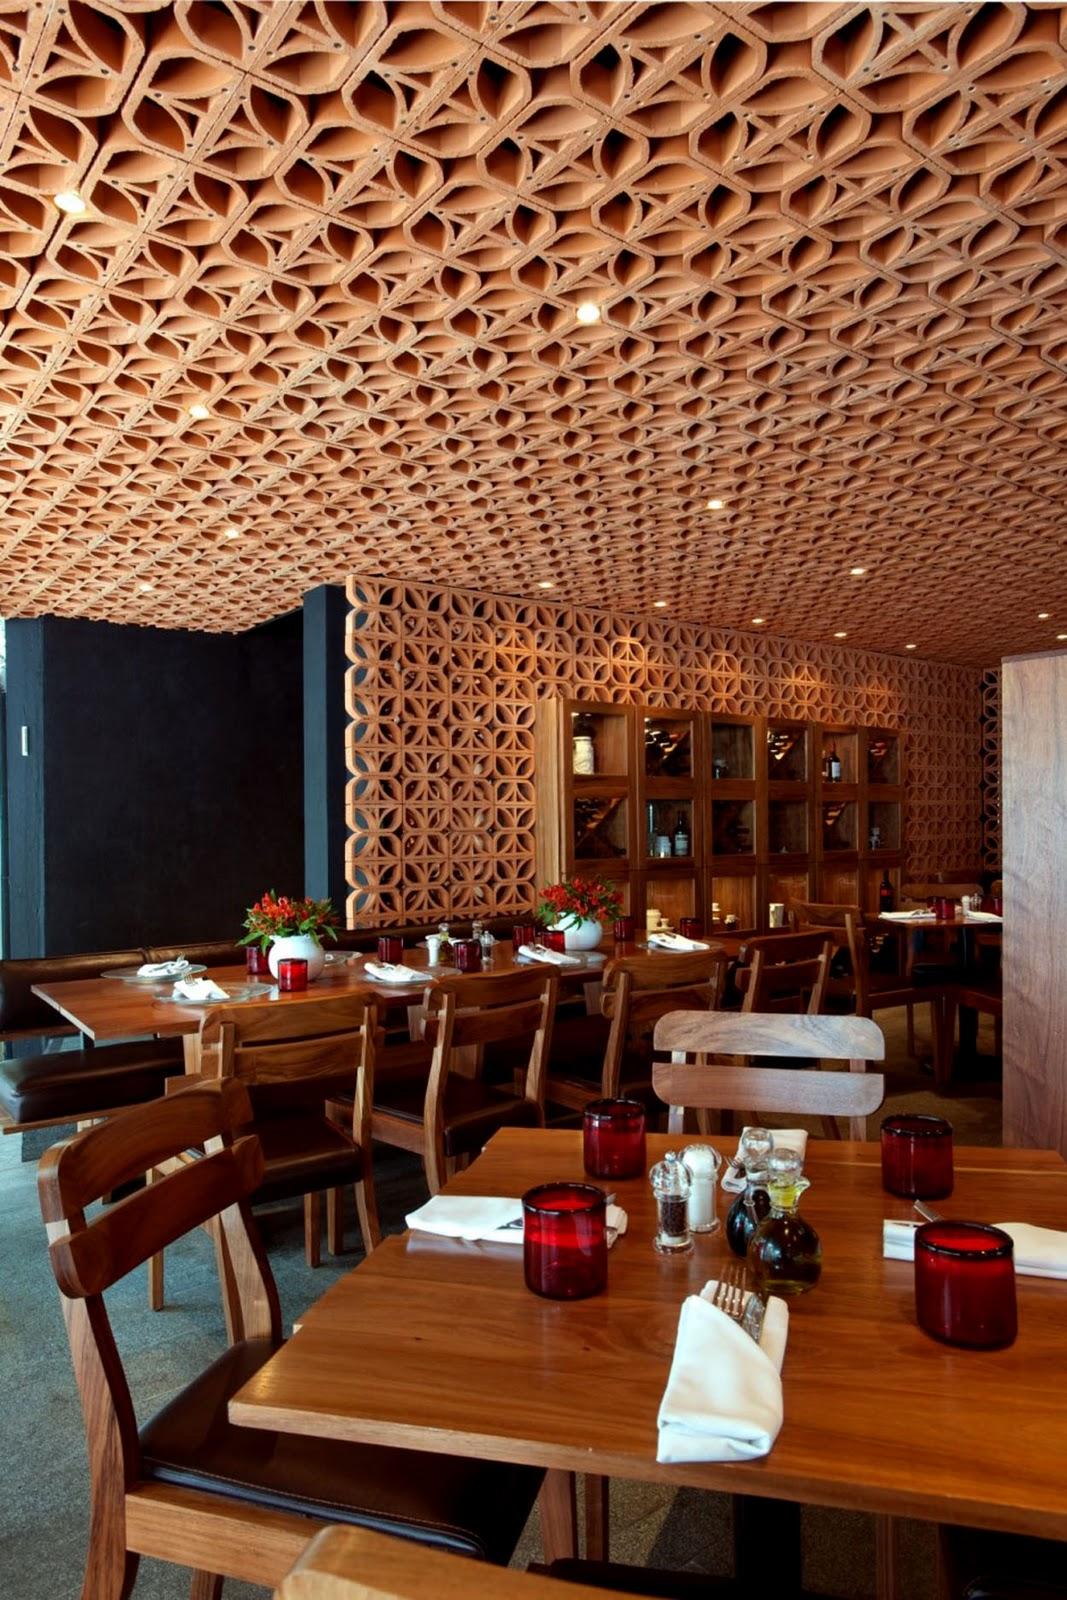 interior design information Warm Interior Atmosphere Restaurant Design By Cherem Serrano